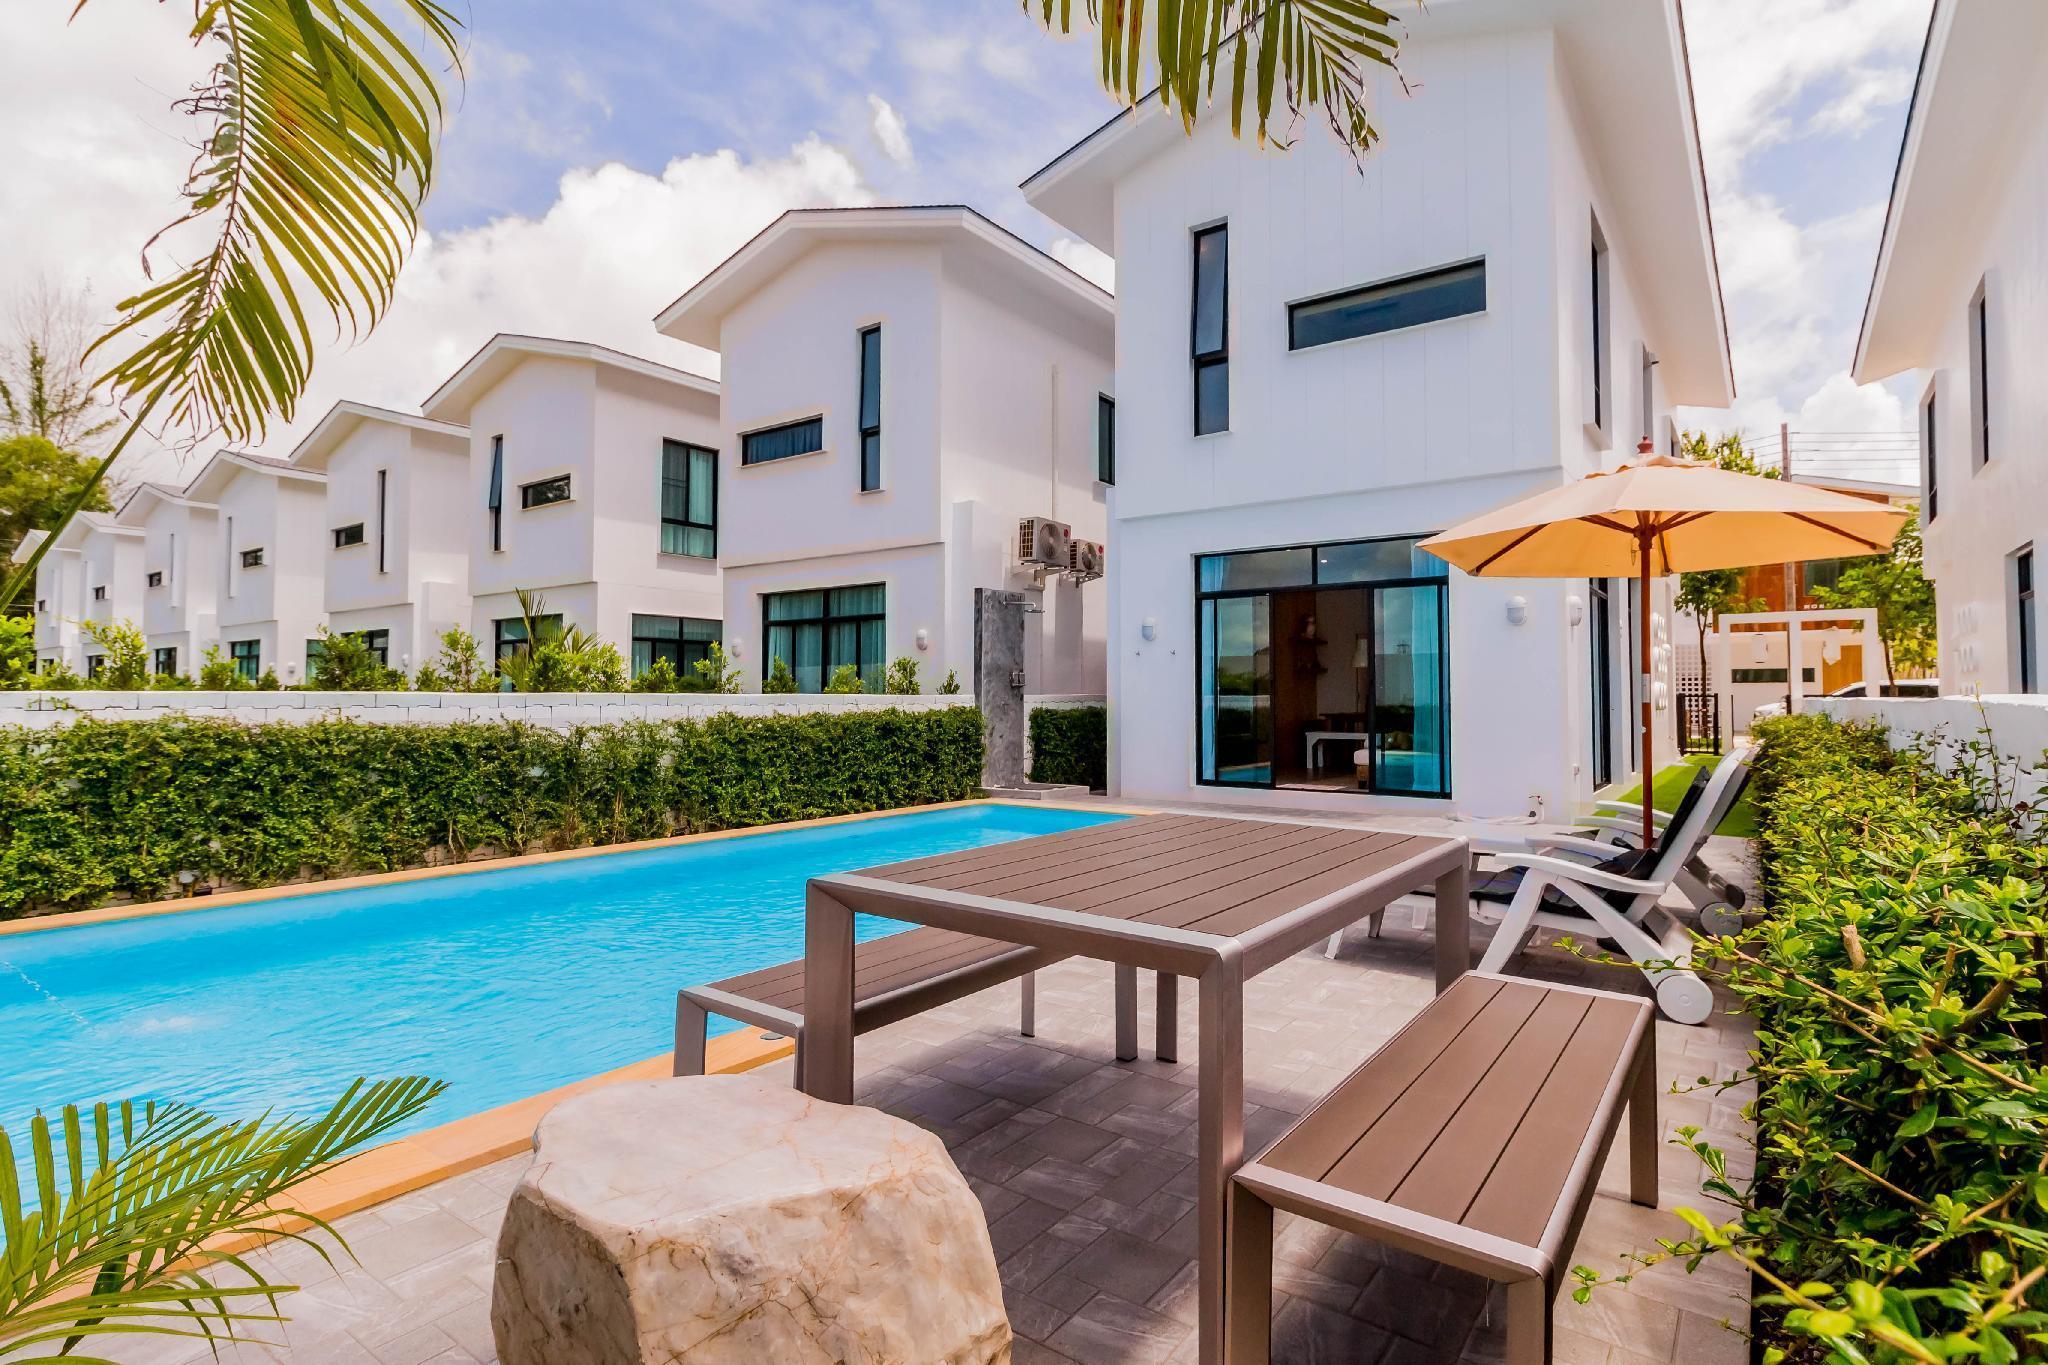 Thai-Japanese Style Pool Villa Near Phuket Zoo Thai-Japanese Style Pool Villa Near Phuket Zoo